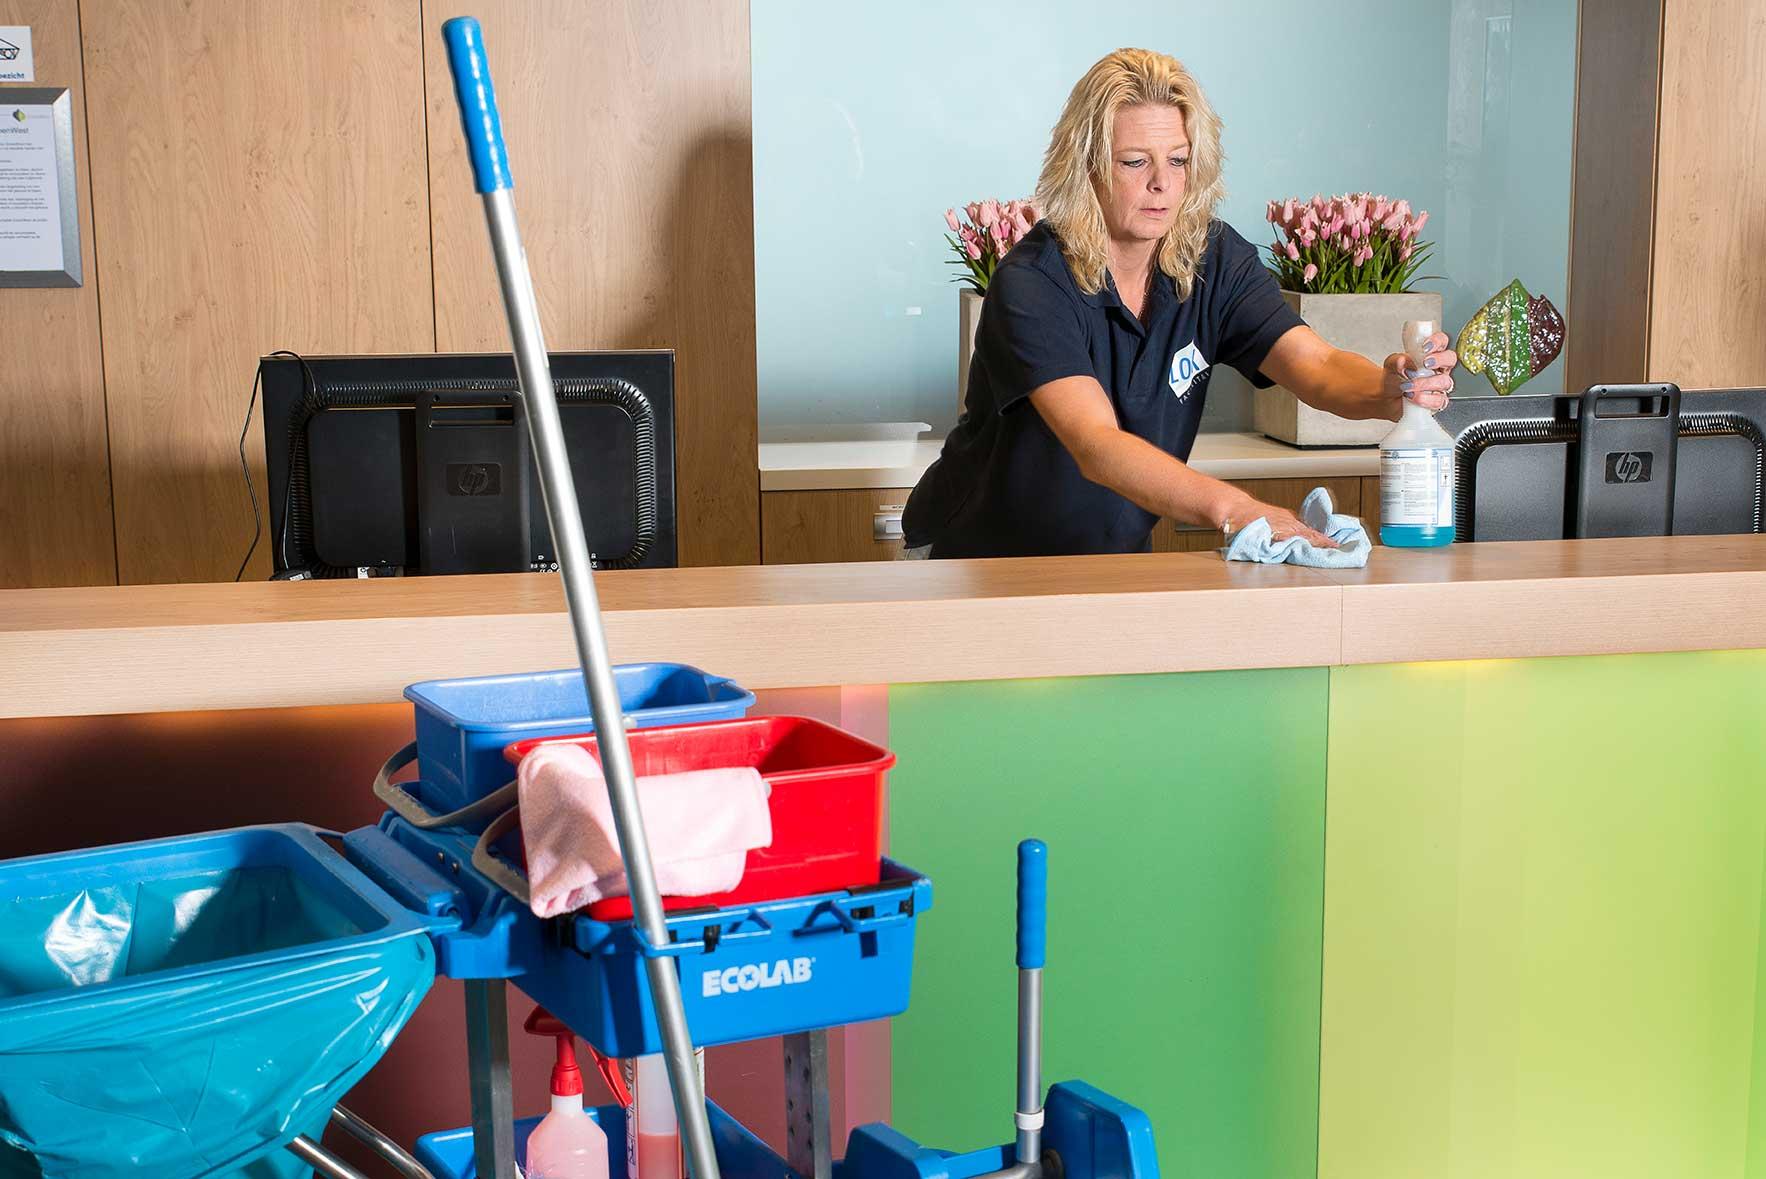 Diensten---schoonmaak